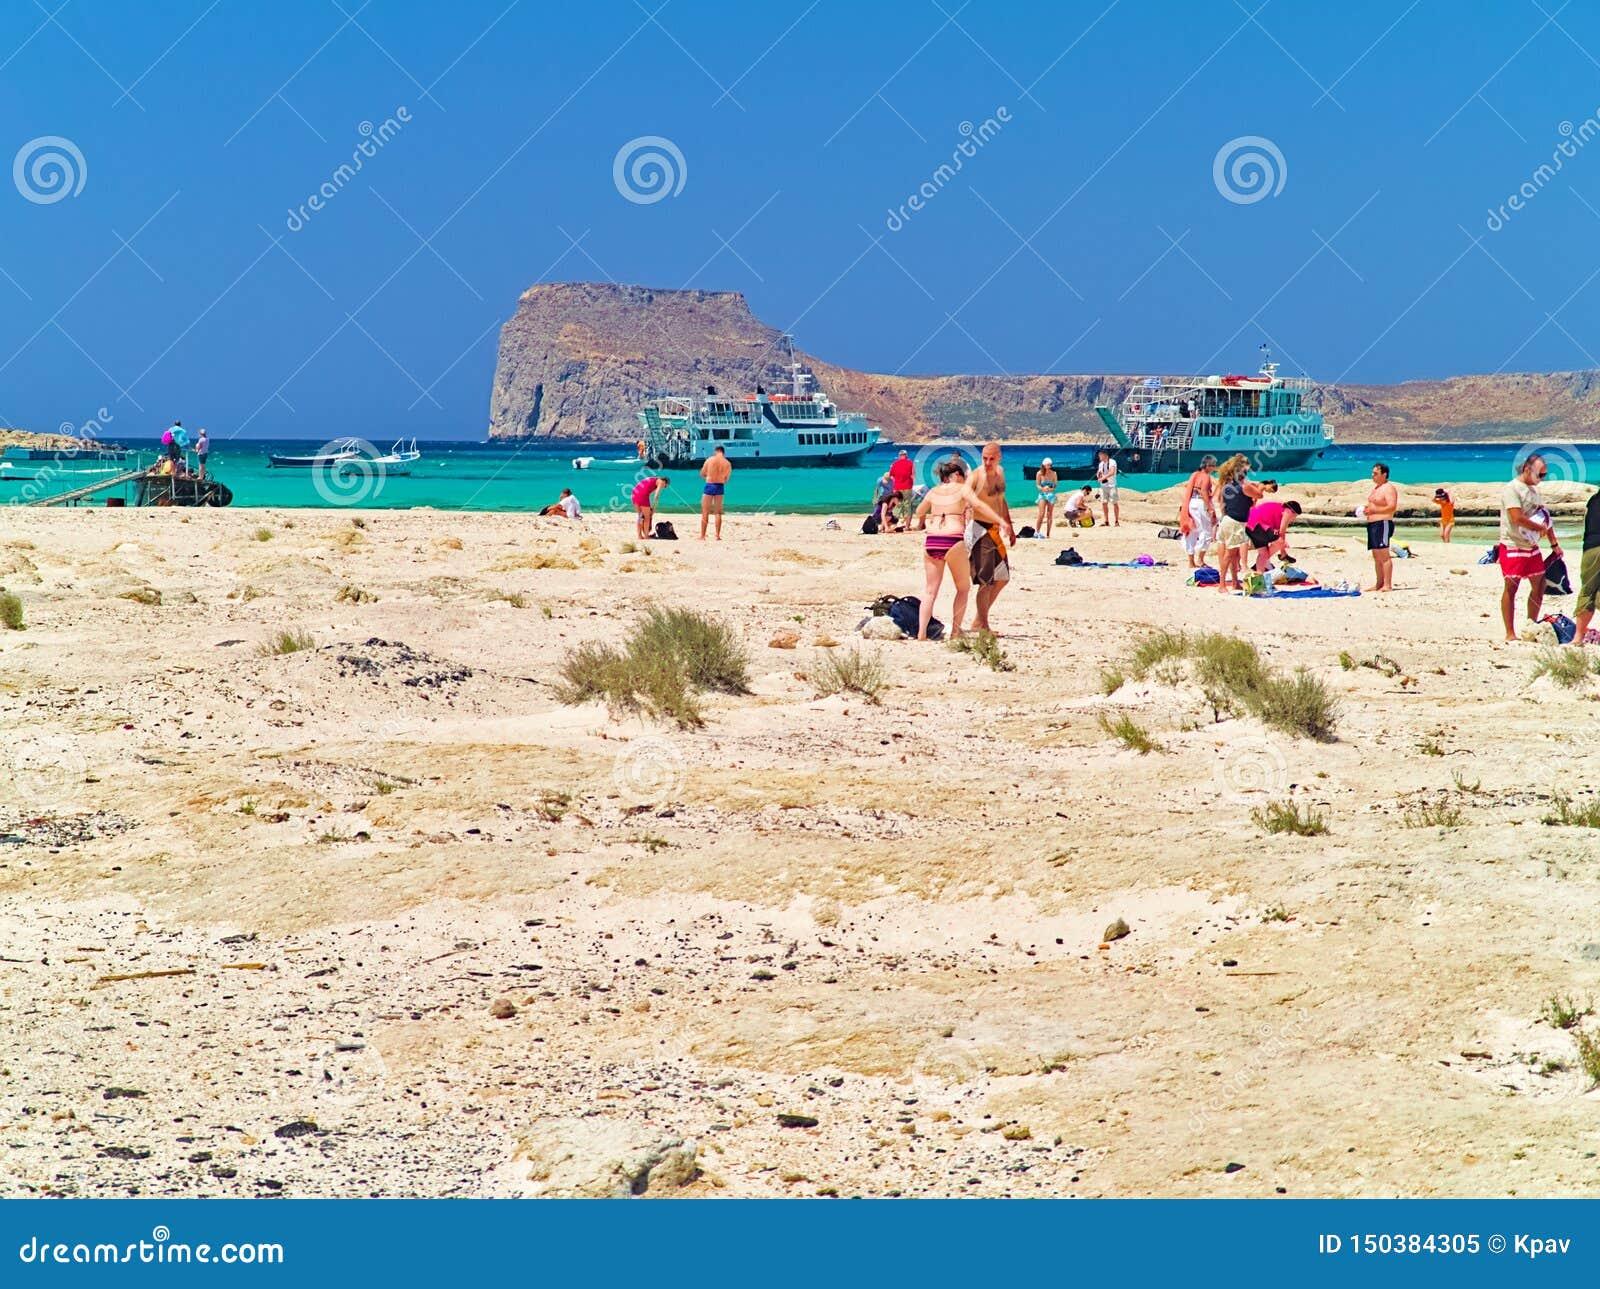 在夏天期间,游人到达一个沙滩